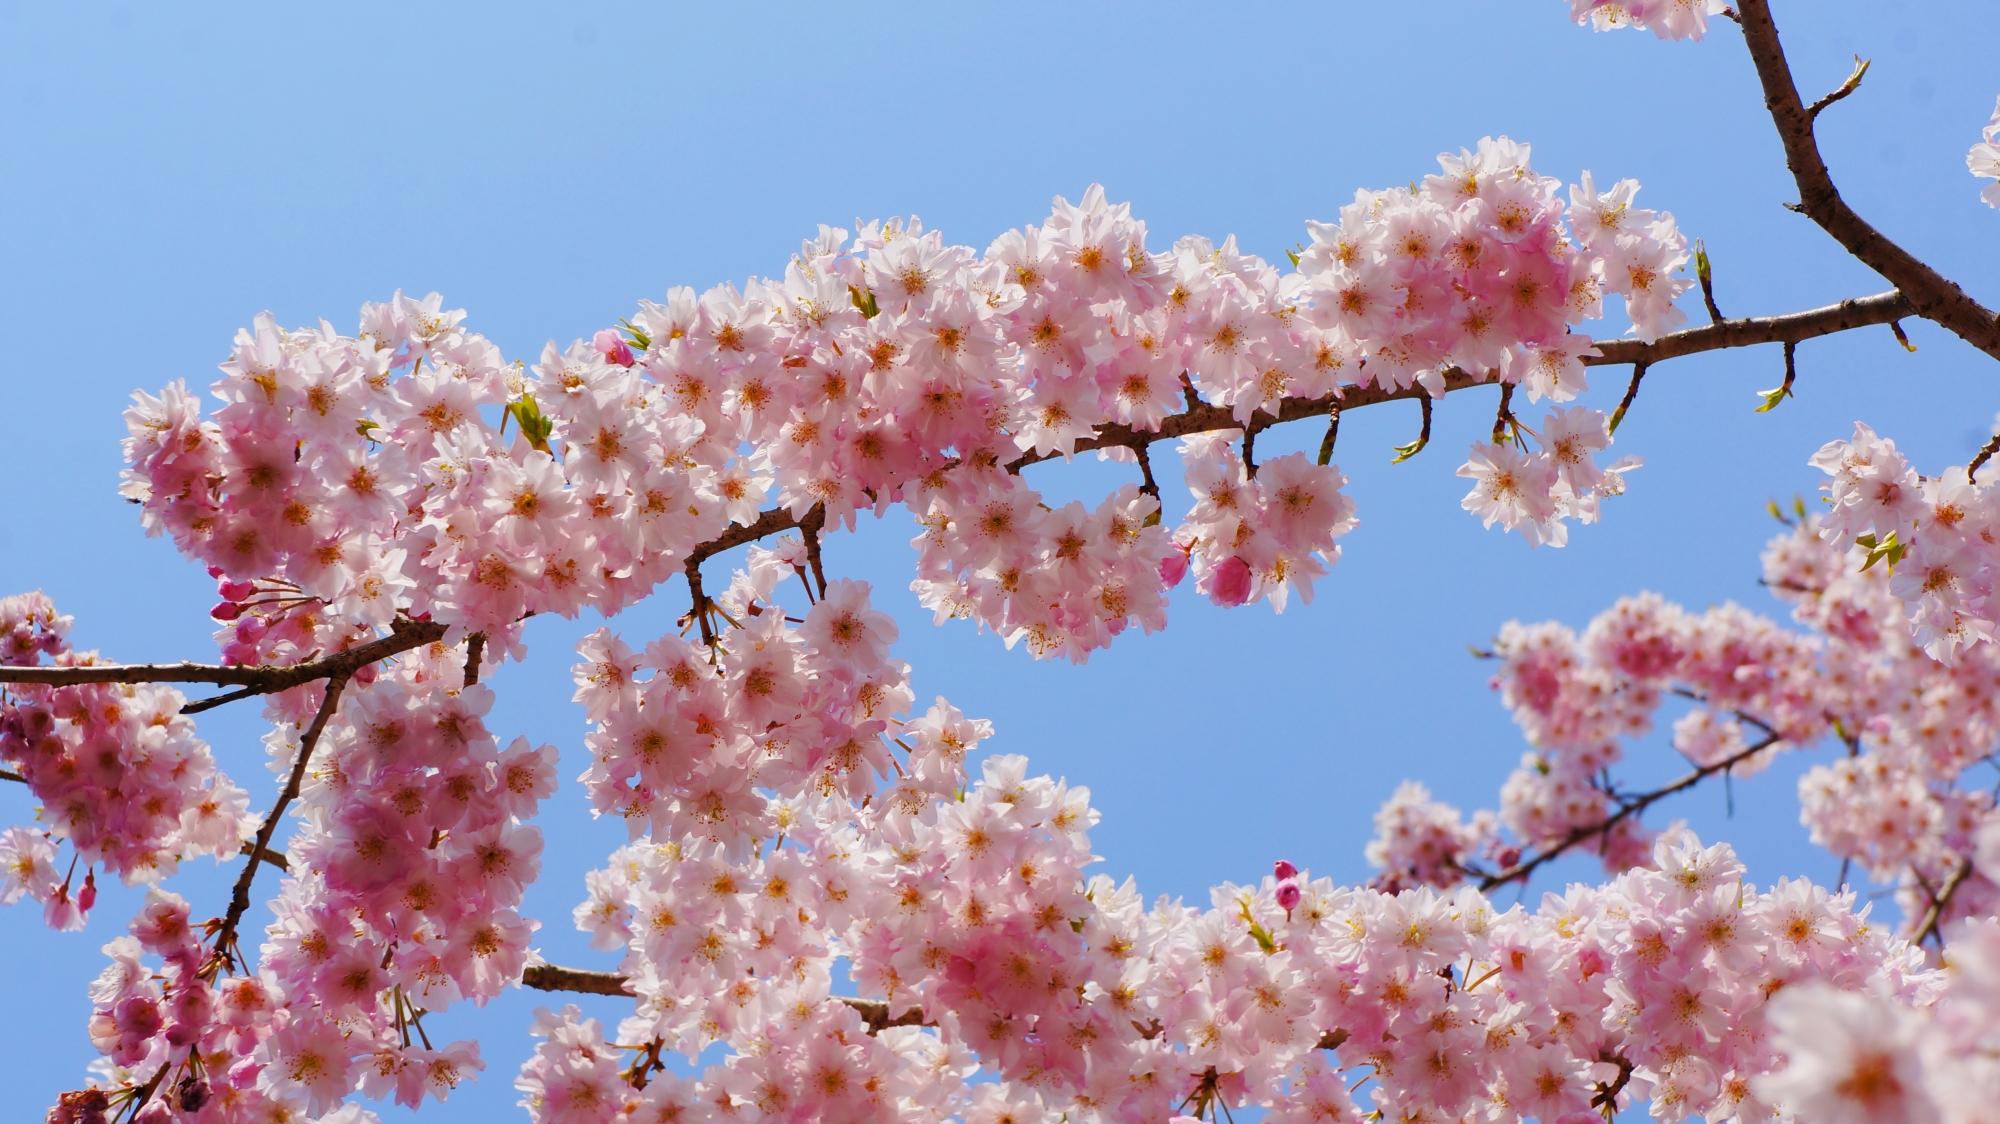 青い空に映える満開の桜